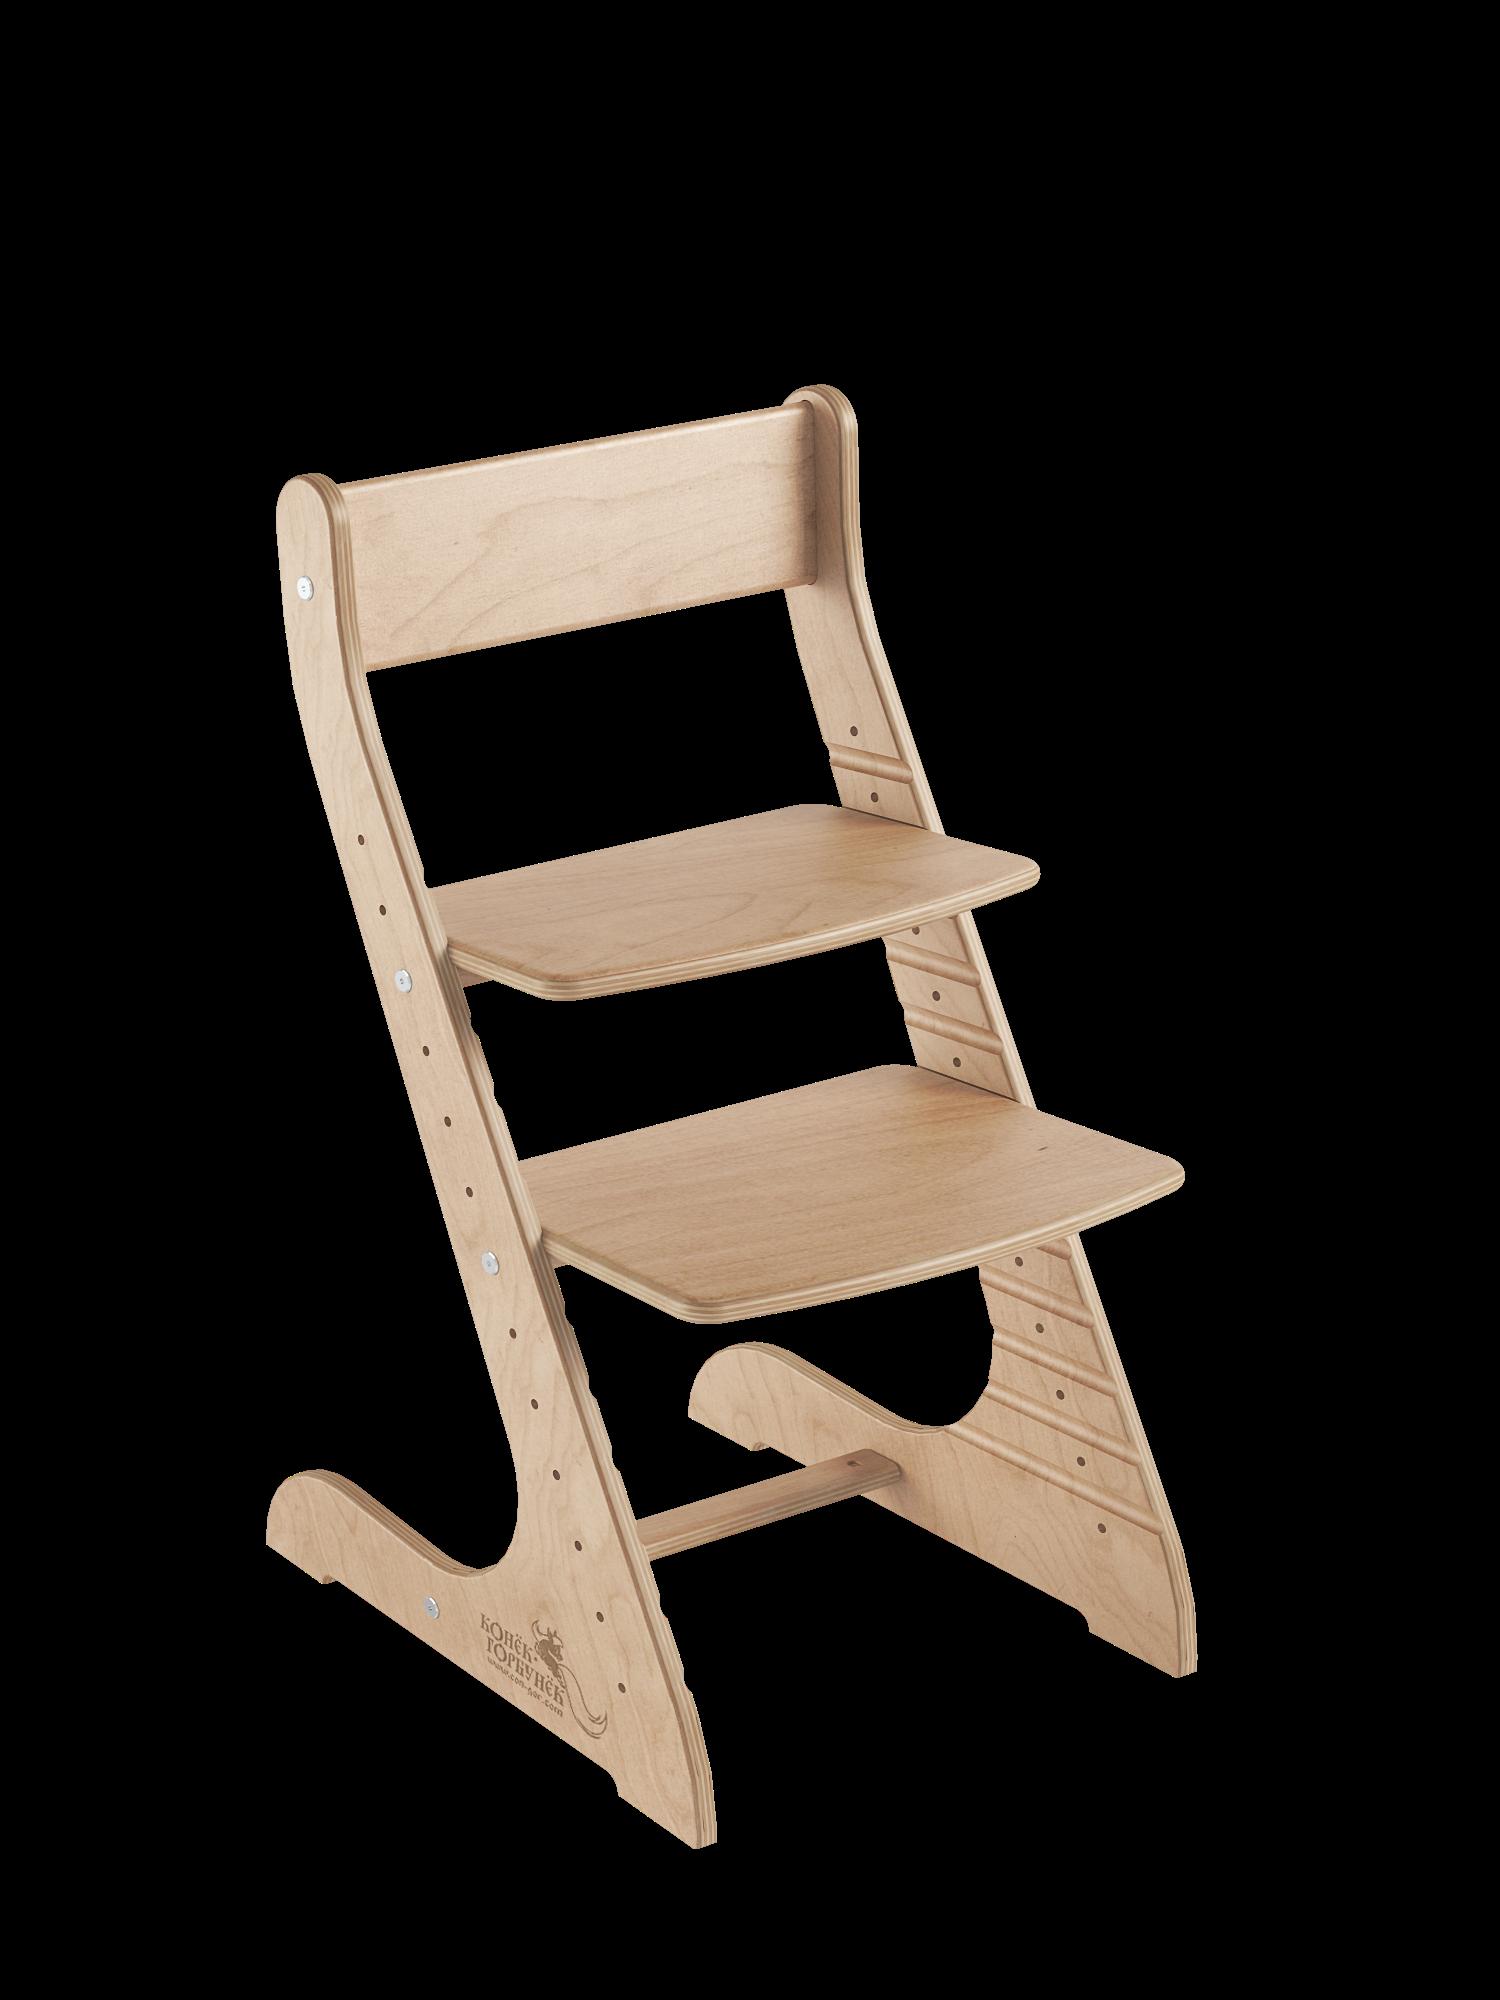 Купить Детский растущий стул Конёк Горбунёк Стандарт, цвет Сандал, Конек Горбунек,